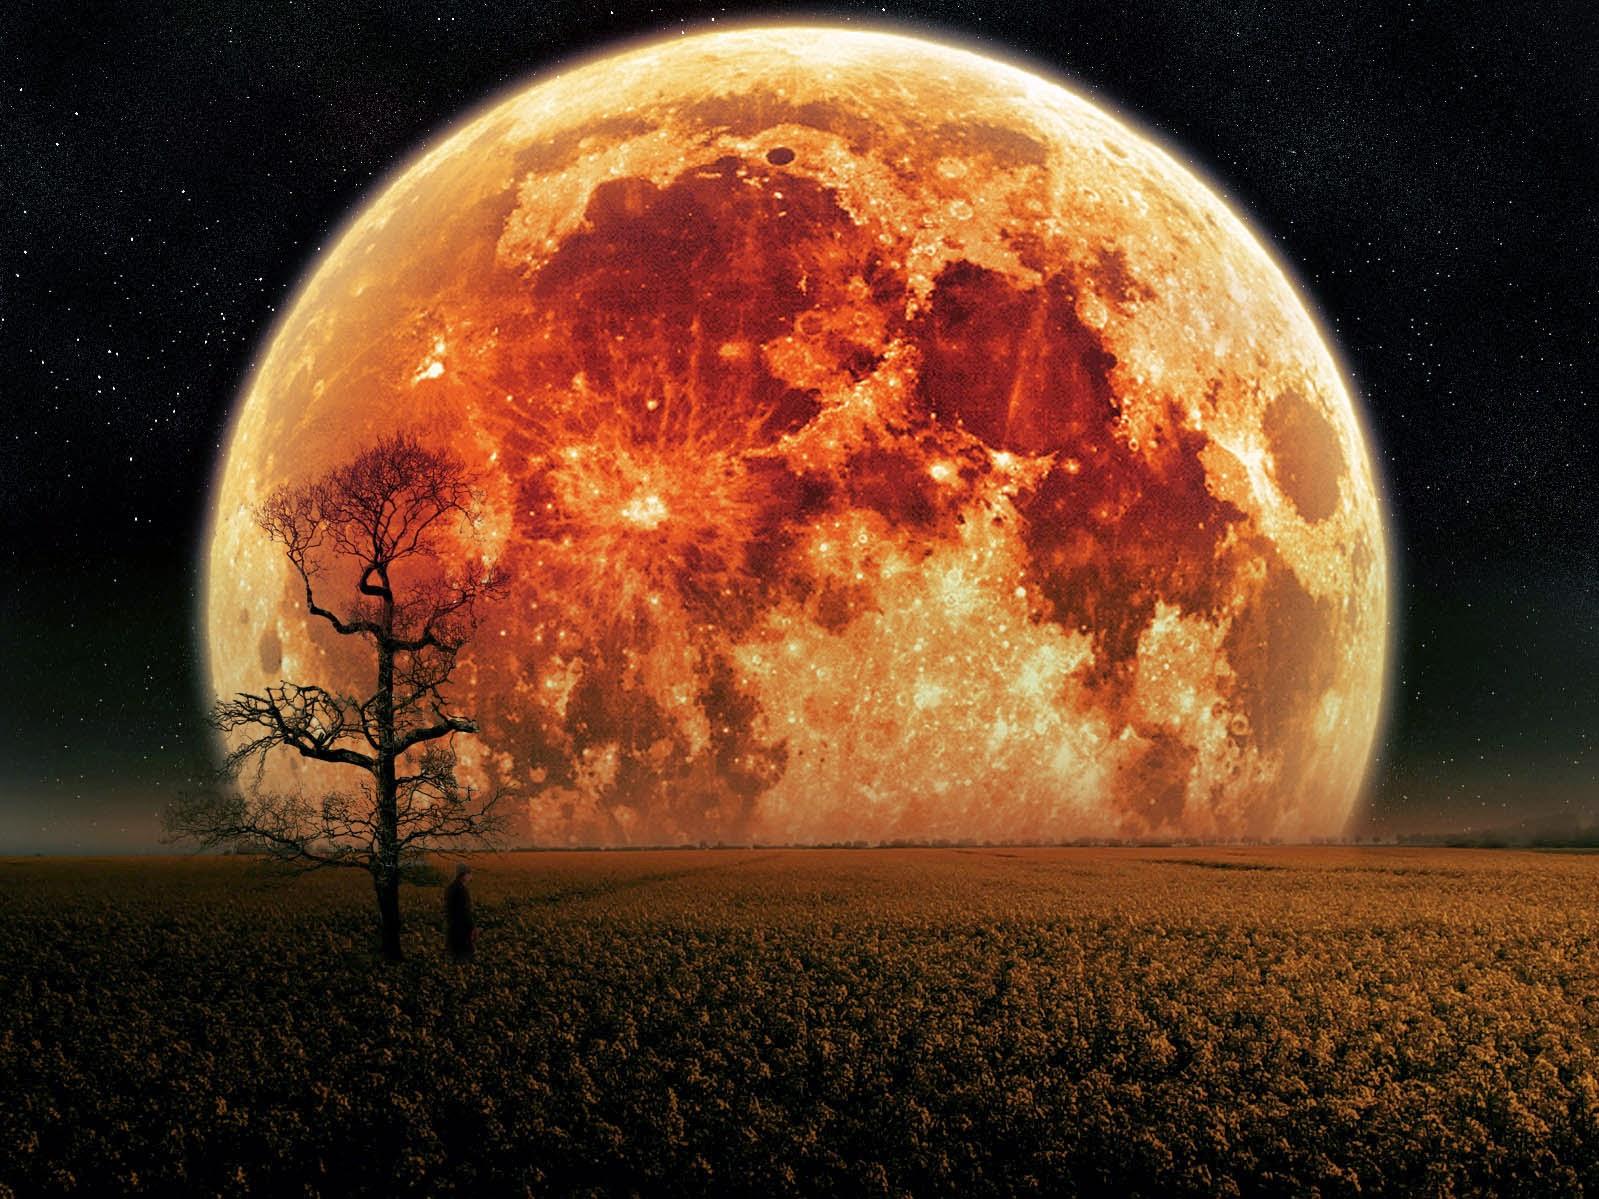 La influencia de la Luna Llena en el comportamiento humano